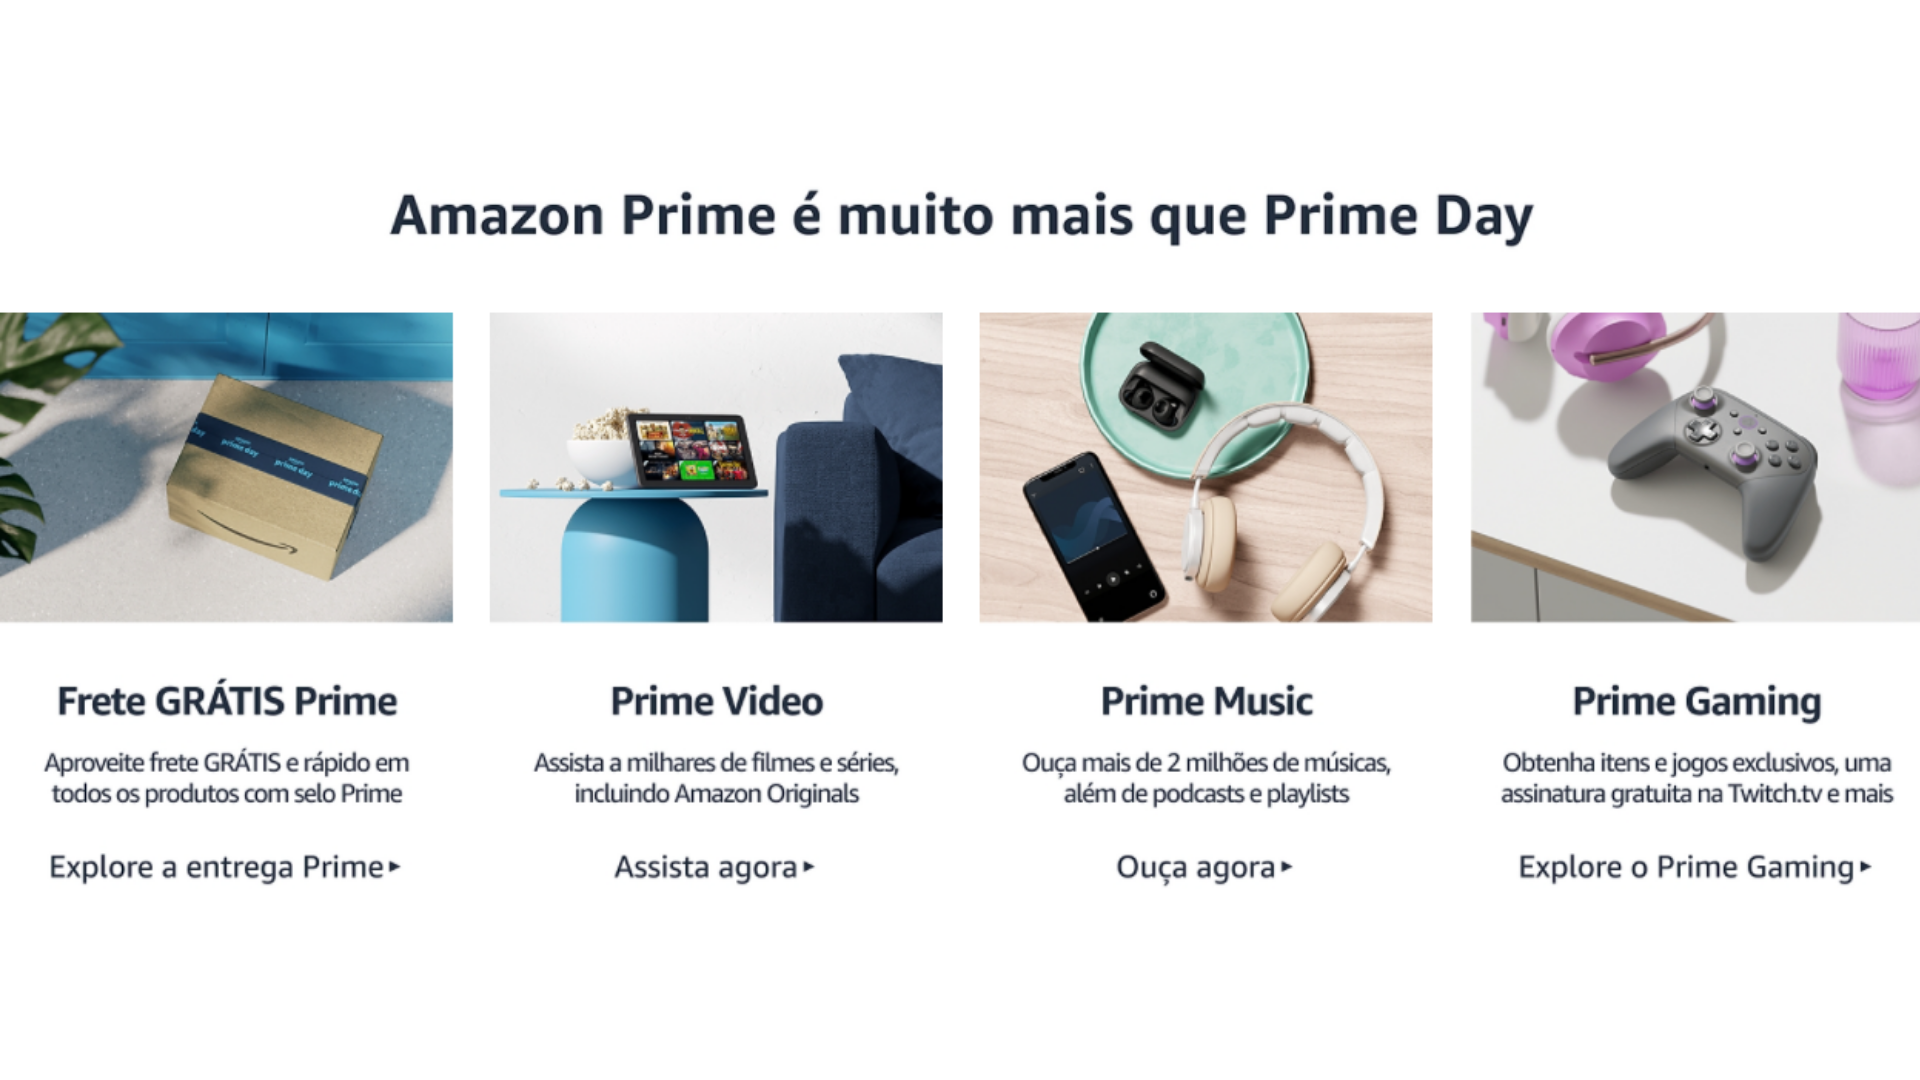 Assinar o Amazon Prime garante frete grátis e acesso aos serviços da marca. (Imagem: Captura de tela/Amazon)